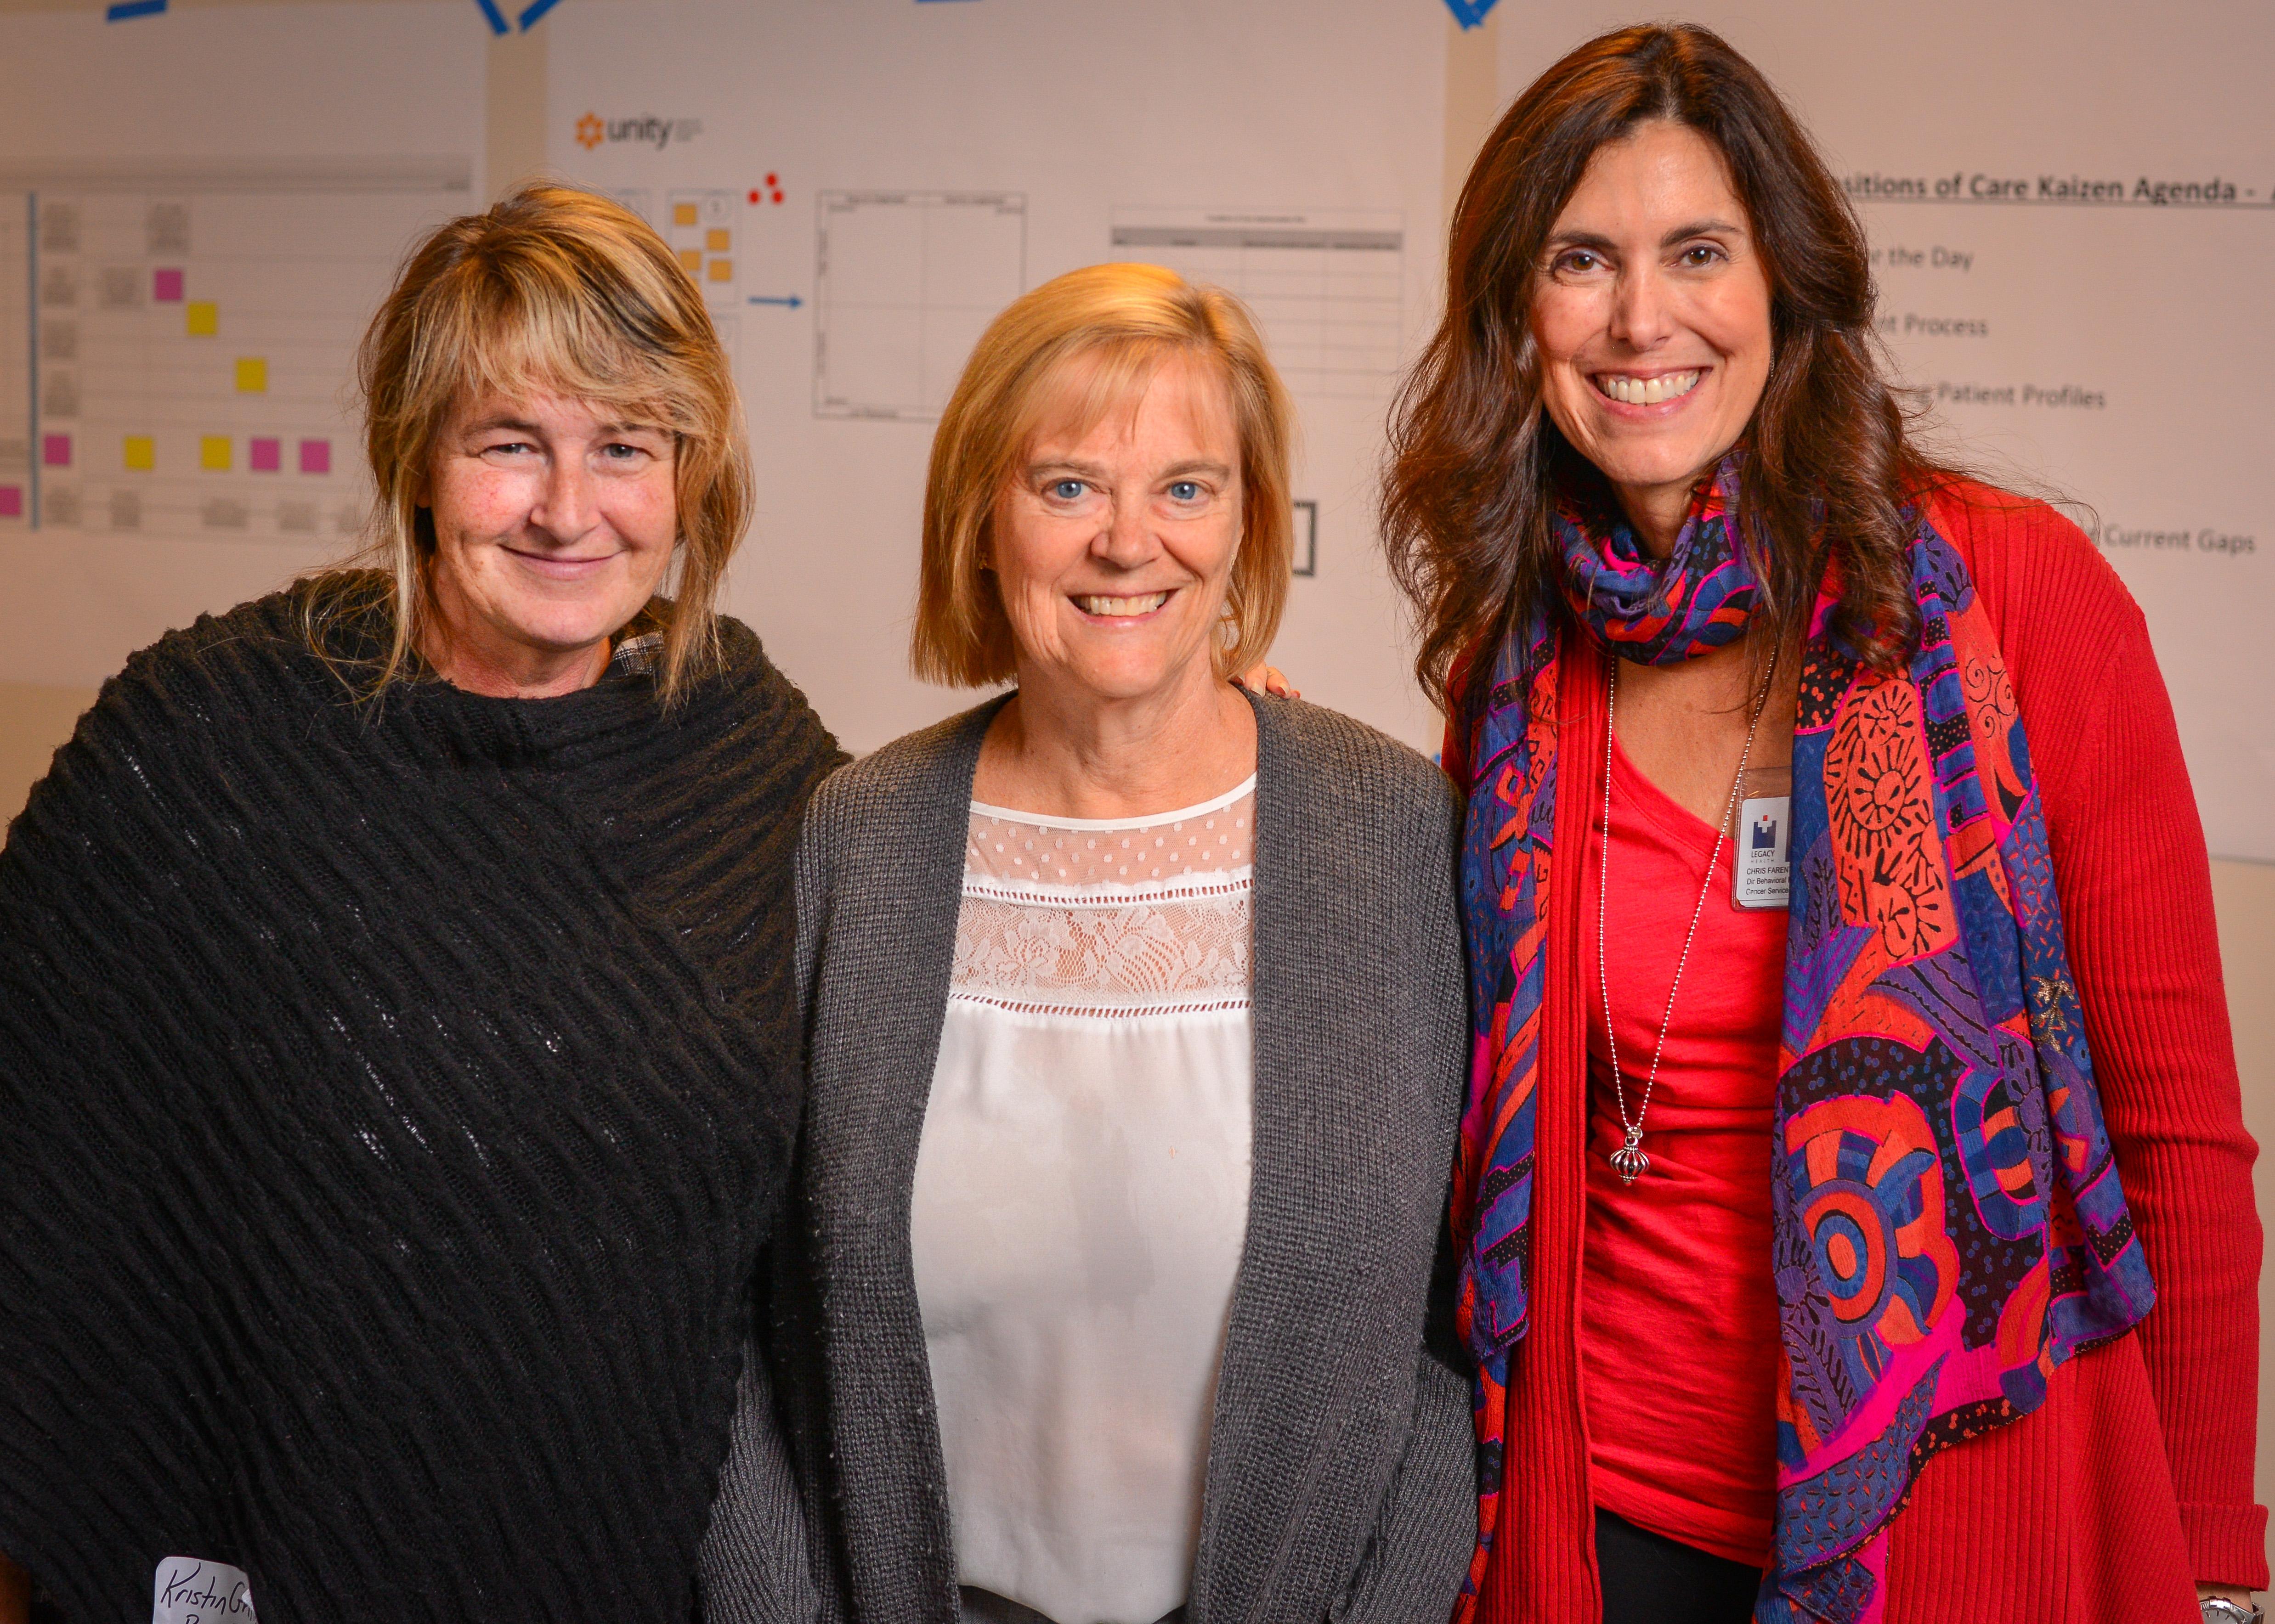 Kristin Griffey, Legacy Health; Ginnie Churchill, Lifeworks NW